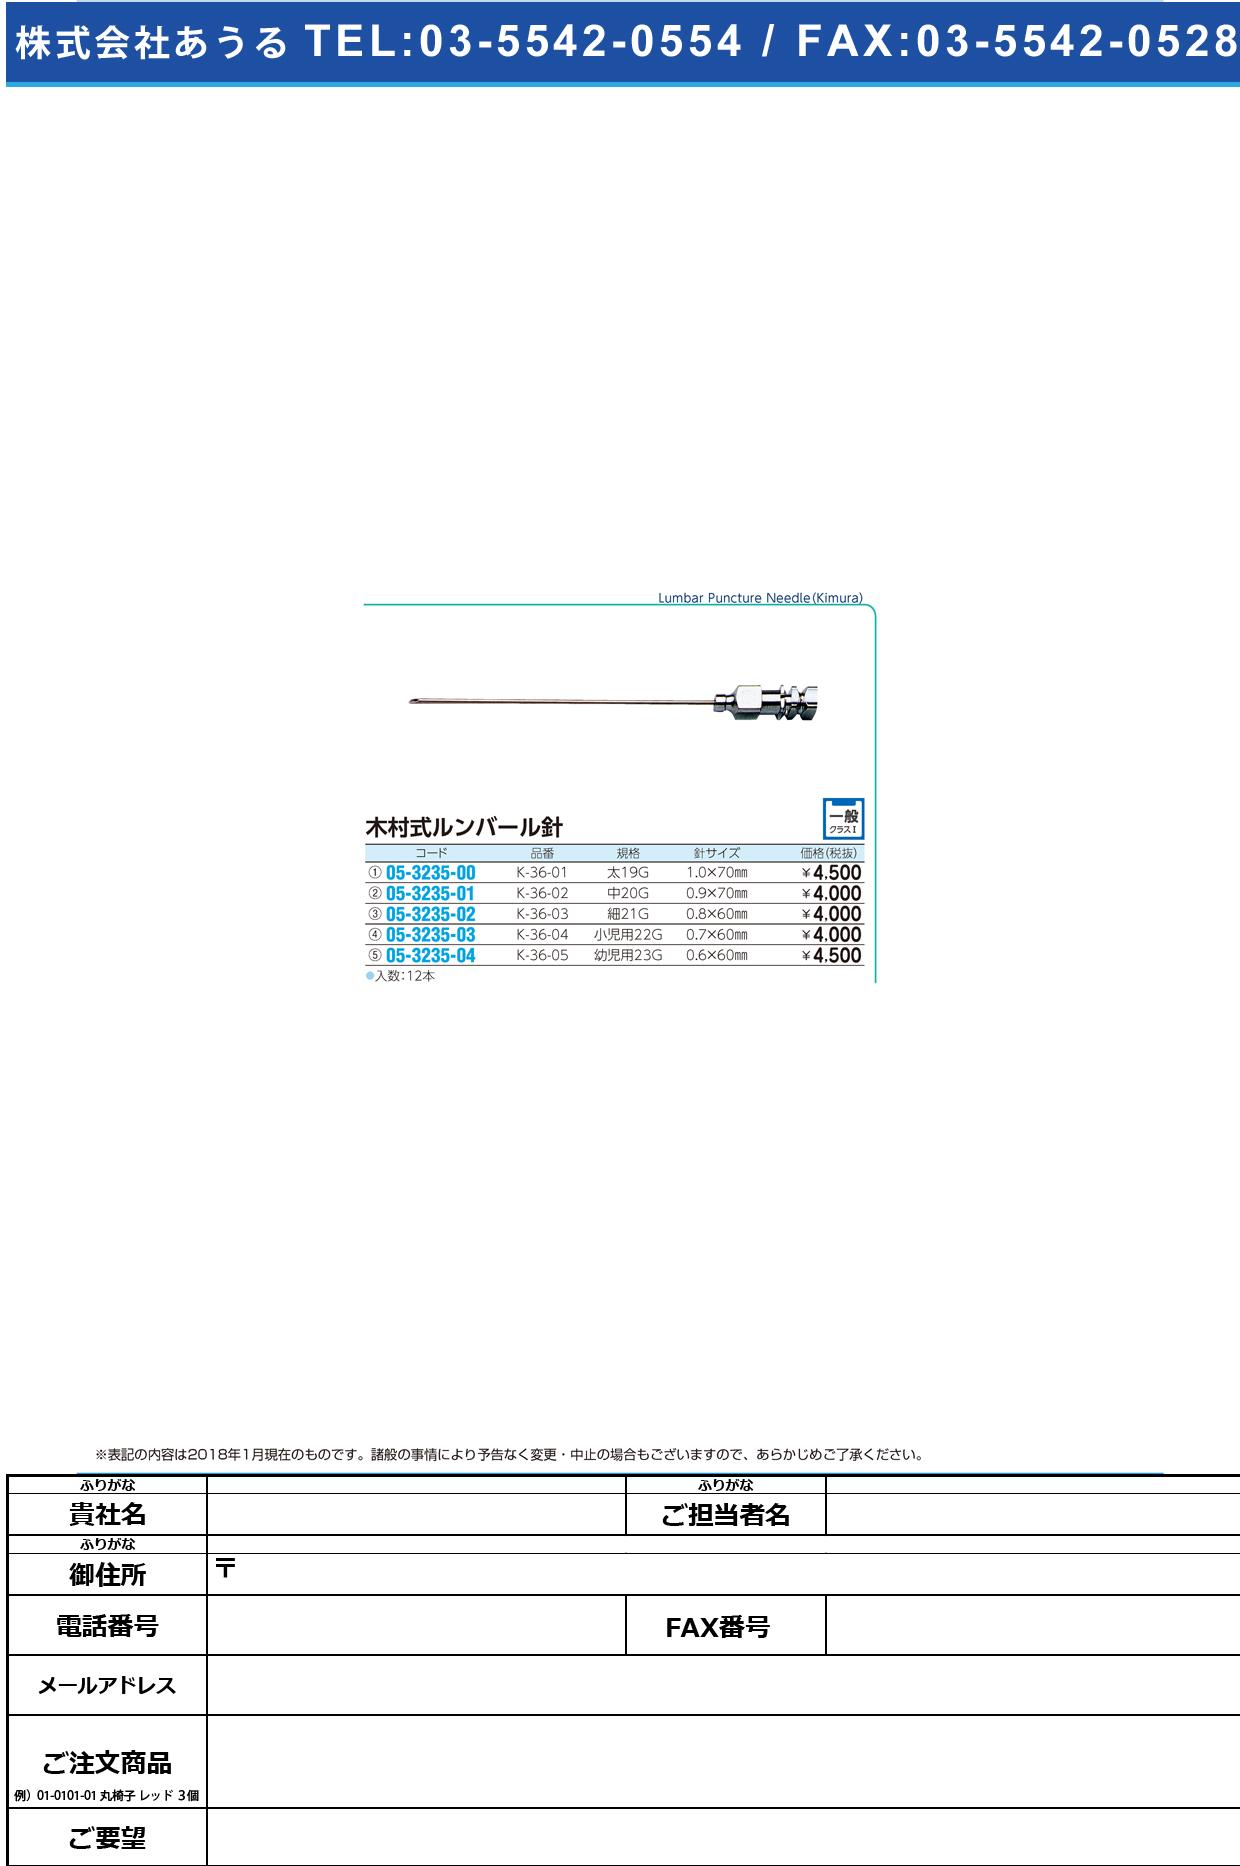 (05-3235-01)木村式ルンバール針(中) K-36-02(20G70MM)12イリ キムラルンバールシン【1箱単位】【2018年カタログ商品】